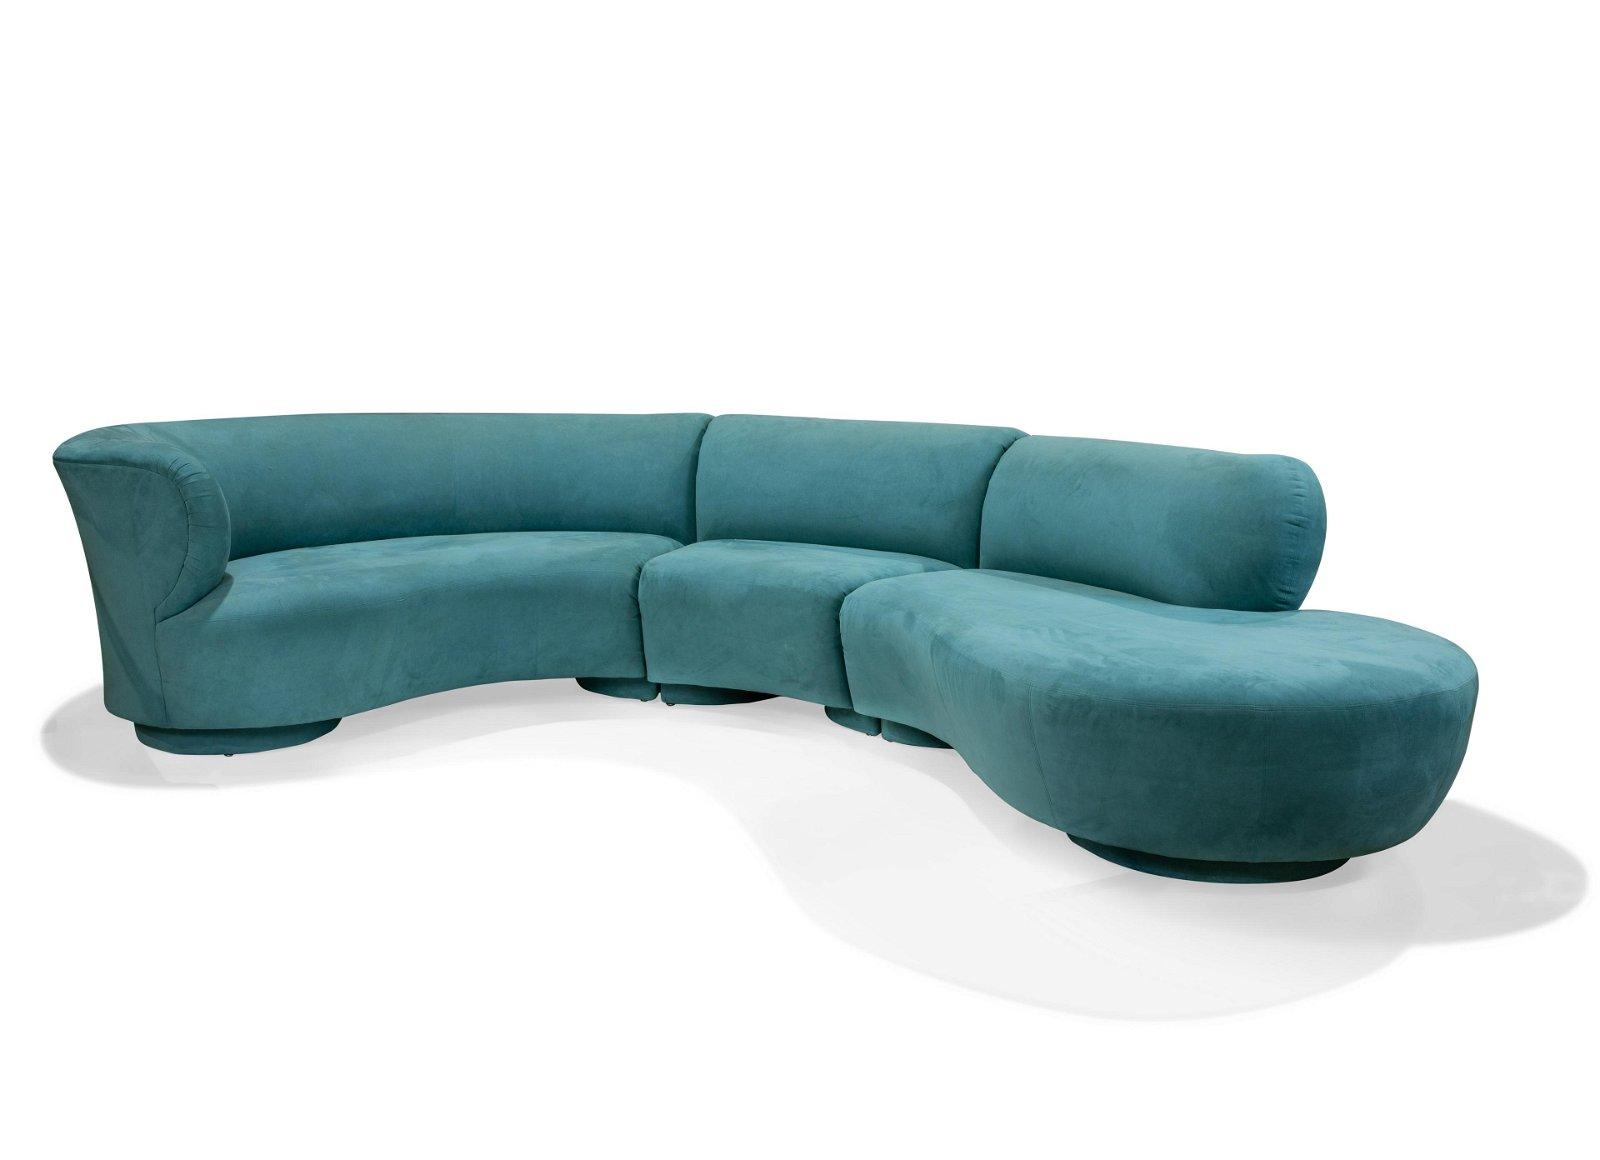 Vladimir Kagan - Sectional Cloud Sofa